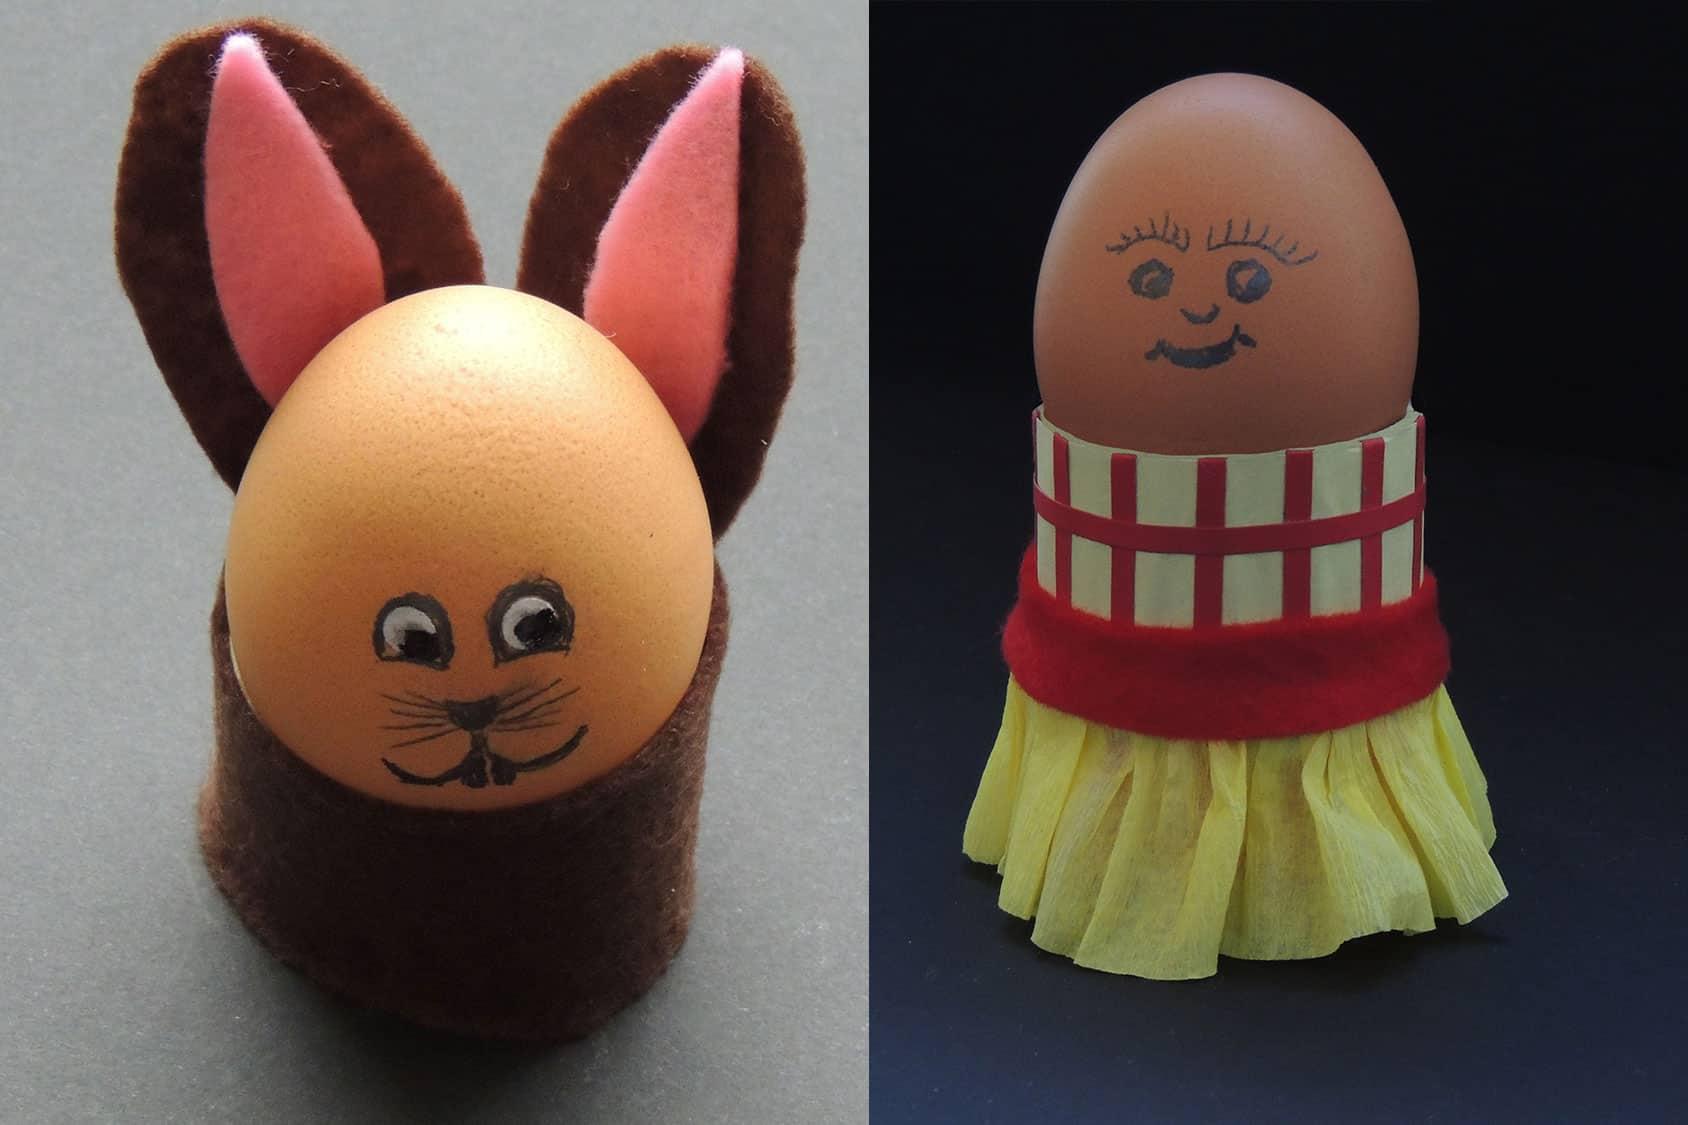 Citaten Pasen Knutselen : Voorbeelden om zelf eierdopjes te maken voor pasen